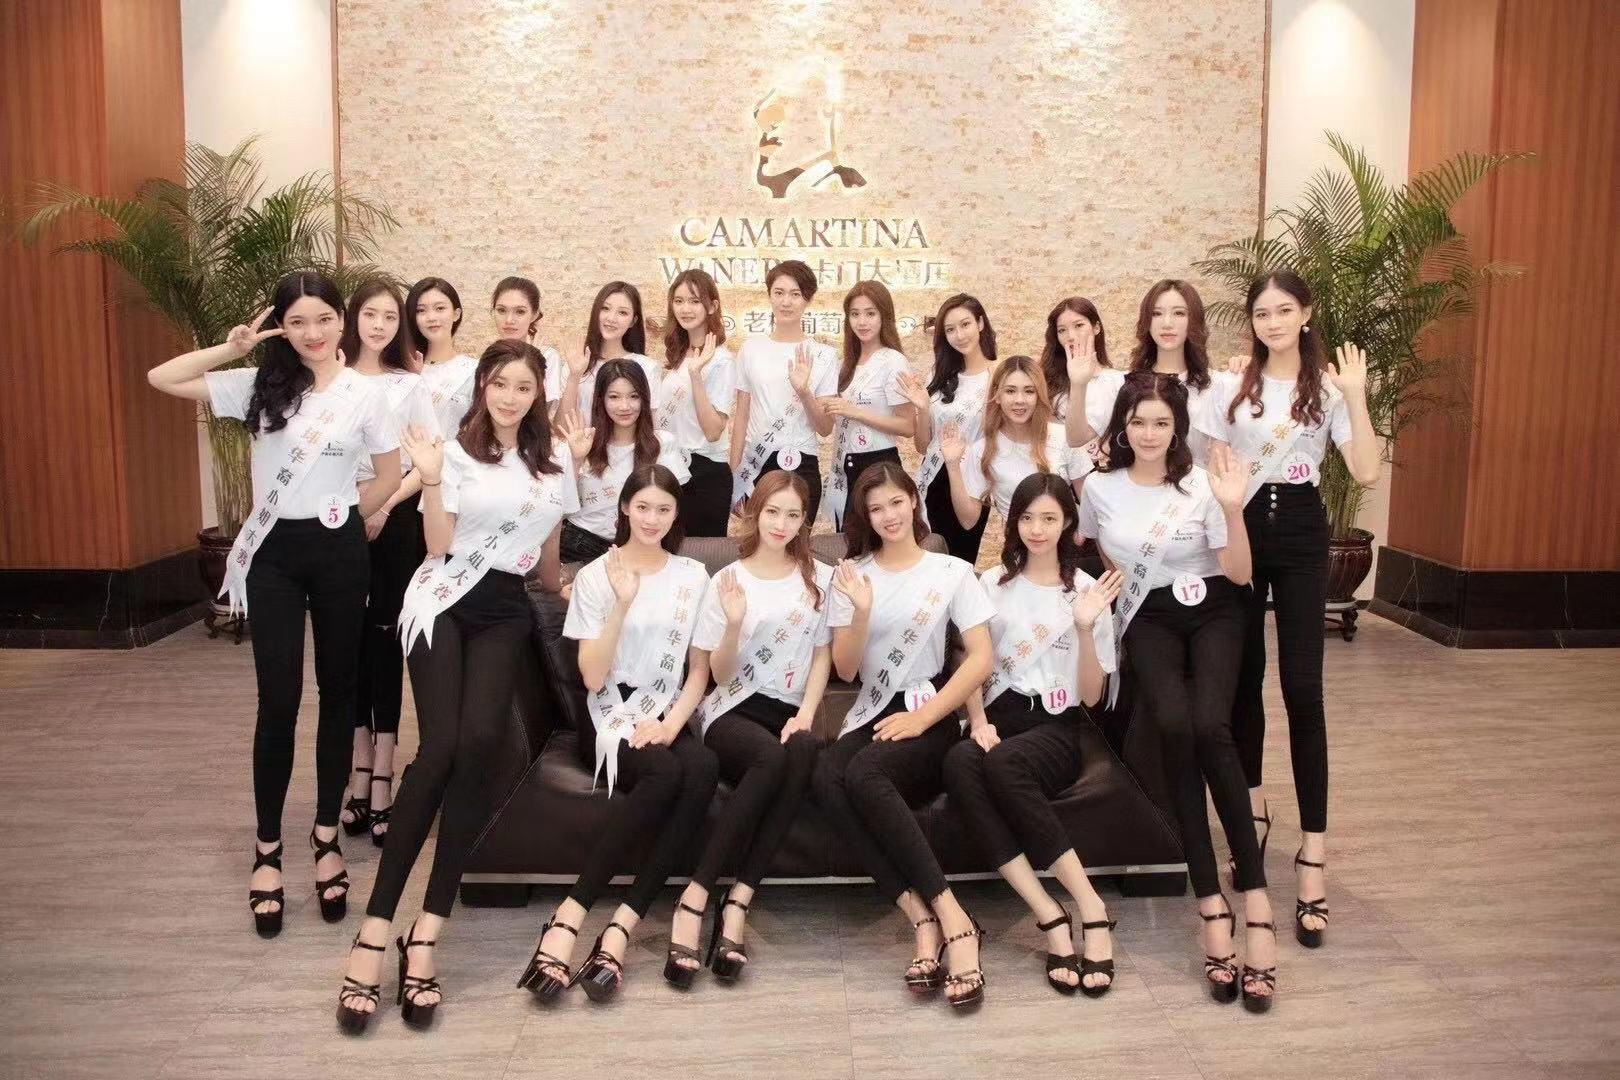 第22届环球华裔小姐大赛举办,熊熊荣获台湾区冠军